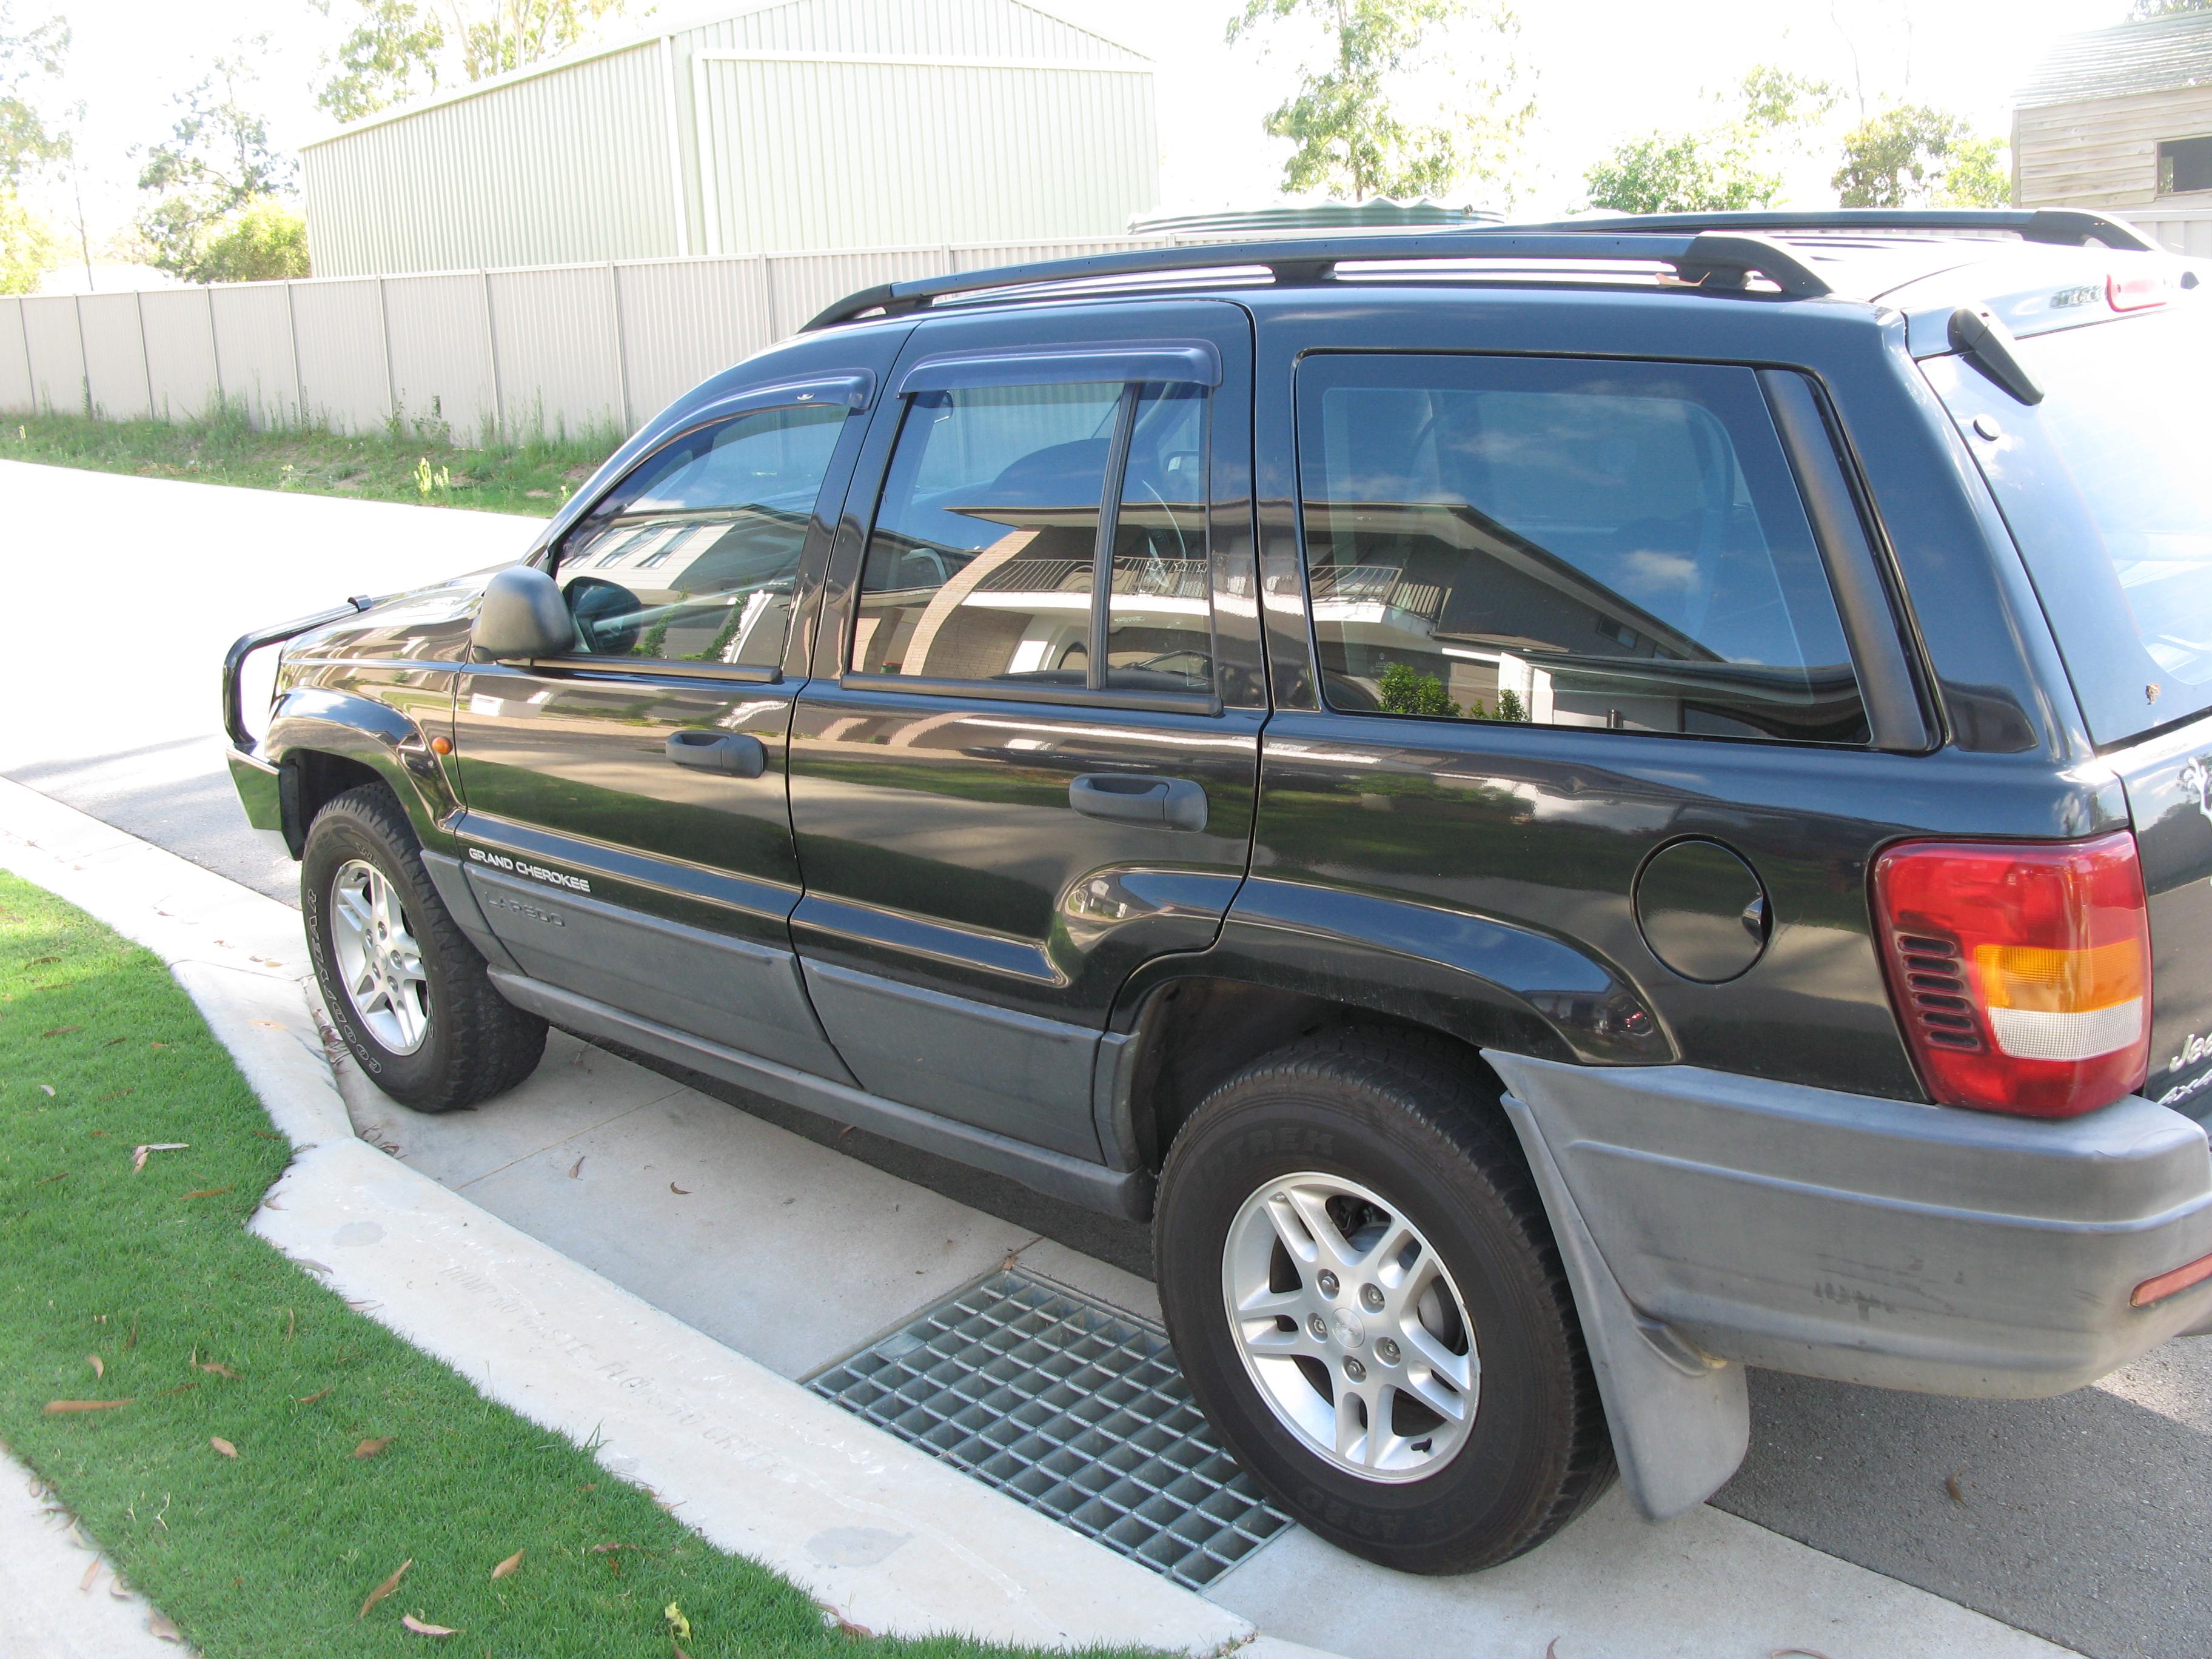 2004 jeep grand cherokee laredo 4x4 wg car sales qld for Jeep grand cherokee motor for sale